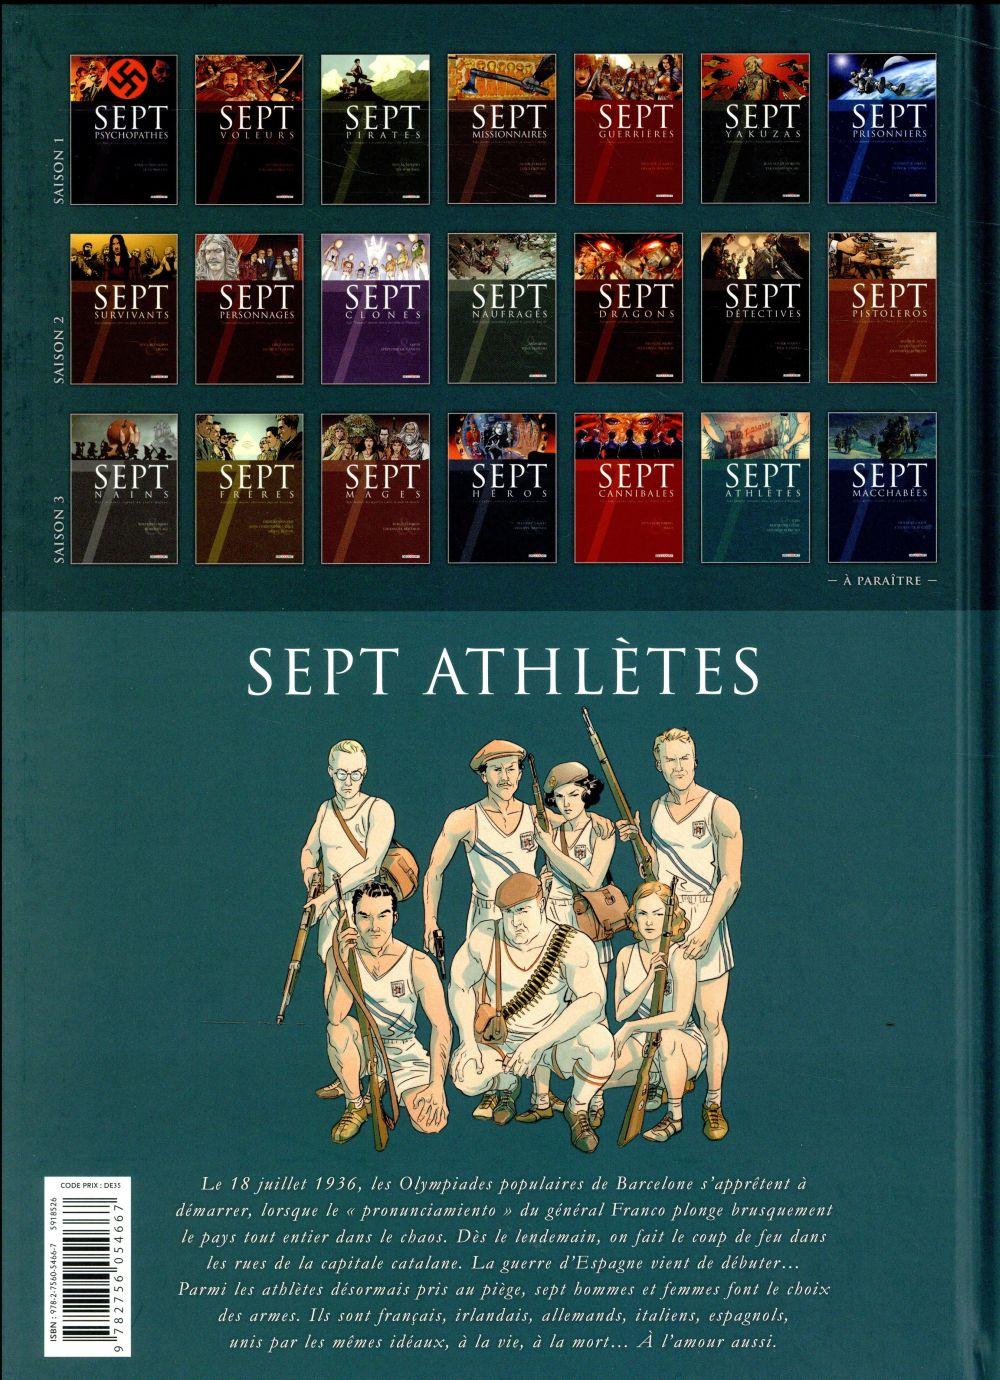 Sept athlètes ; sept sportifs entraînés dans la guerre d'Espagne